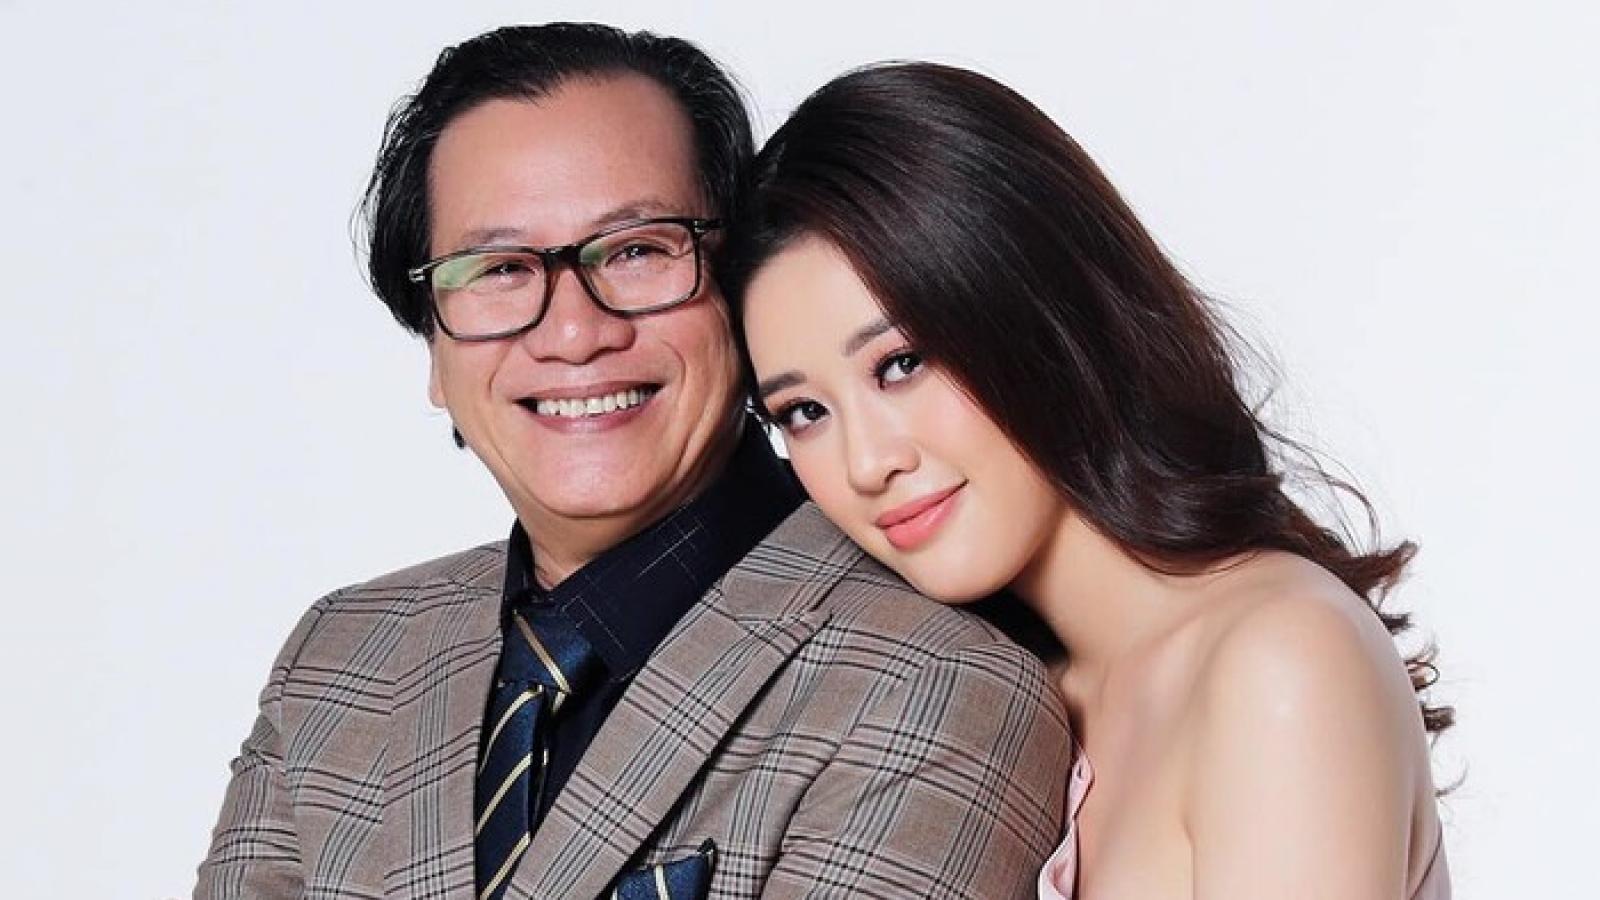 Xúc động dòng tâm sự của Hoa hậu Khánh Vân nhân Ngày của cha